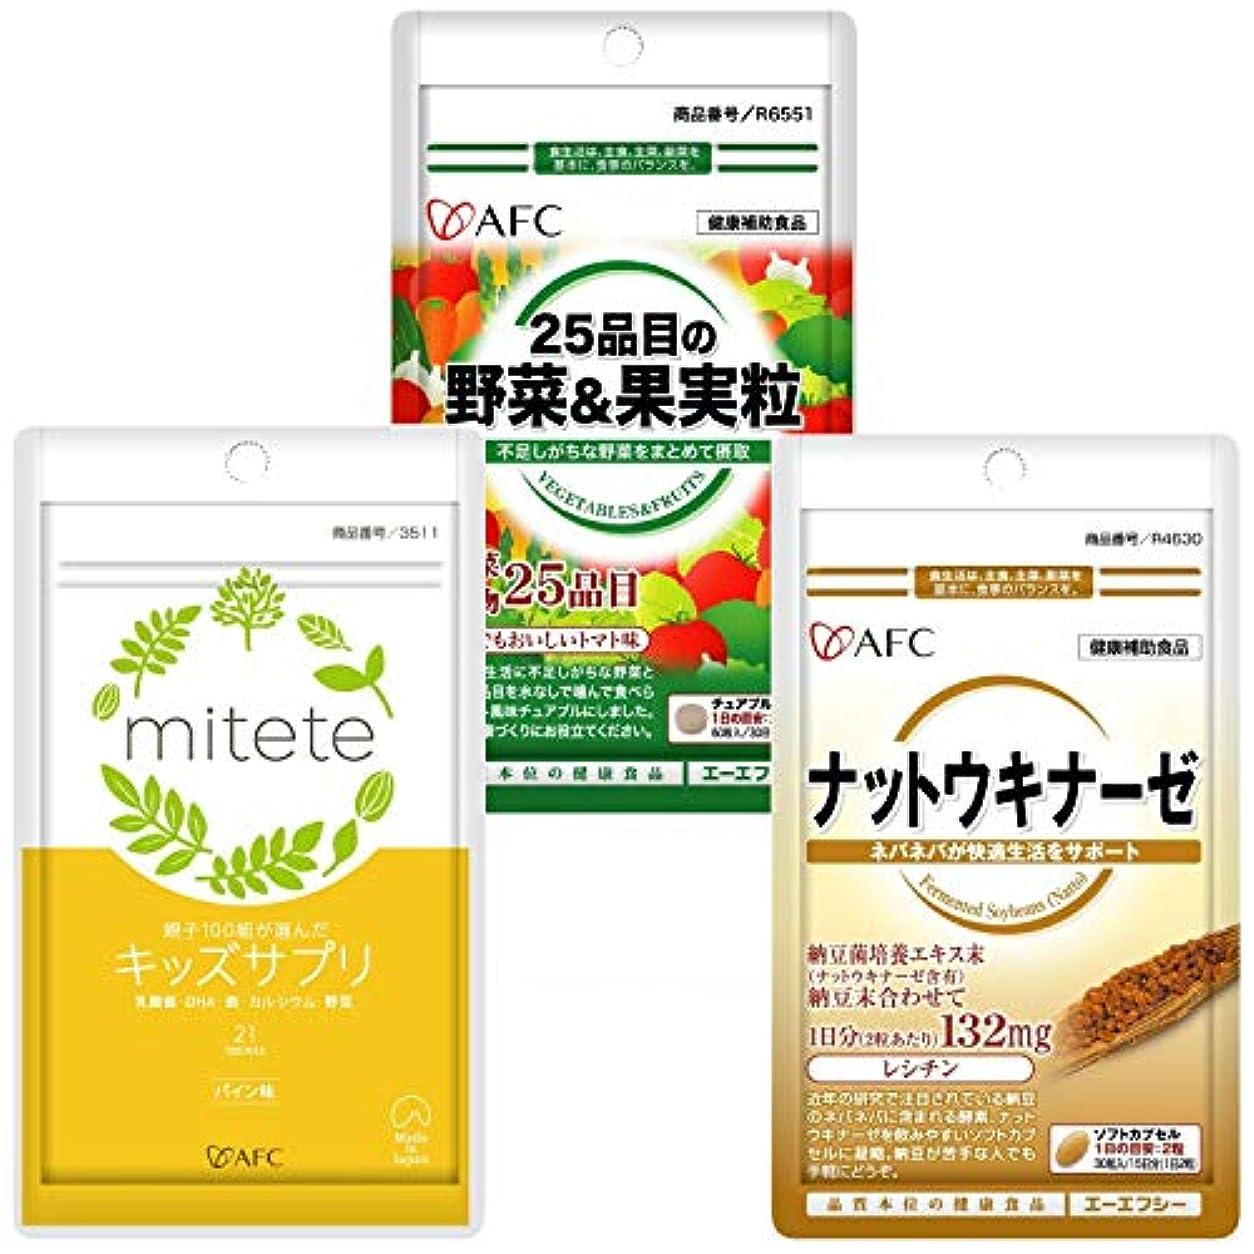 発生存在解釈するAFC キッズサプリ 25品目の野菜&果実粒 ナットウキナーゼ サプリメント お子さんに飲ませたいセット (3種セット)